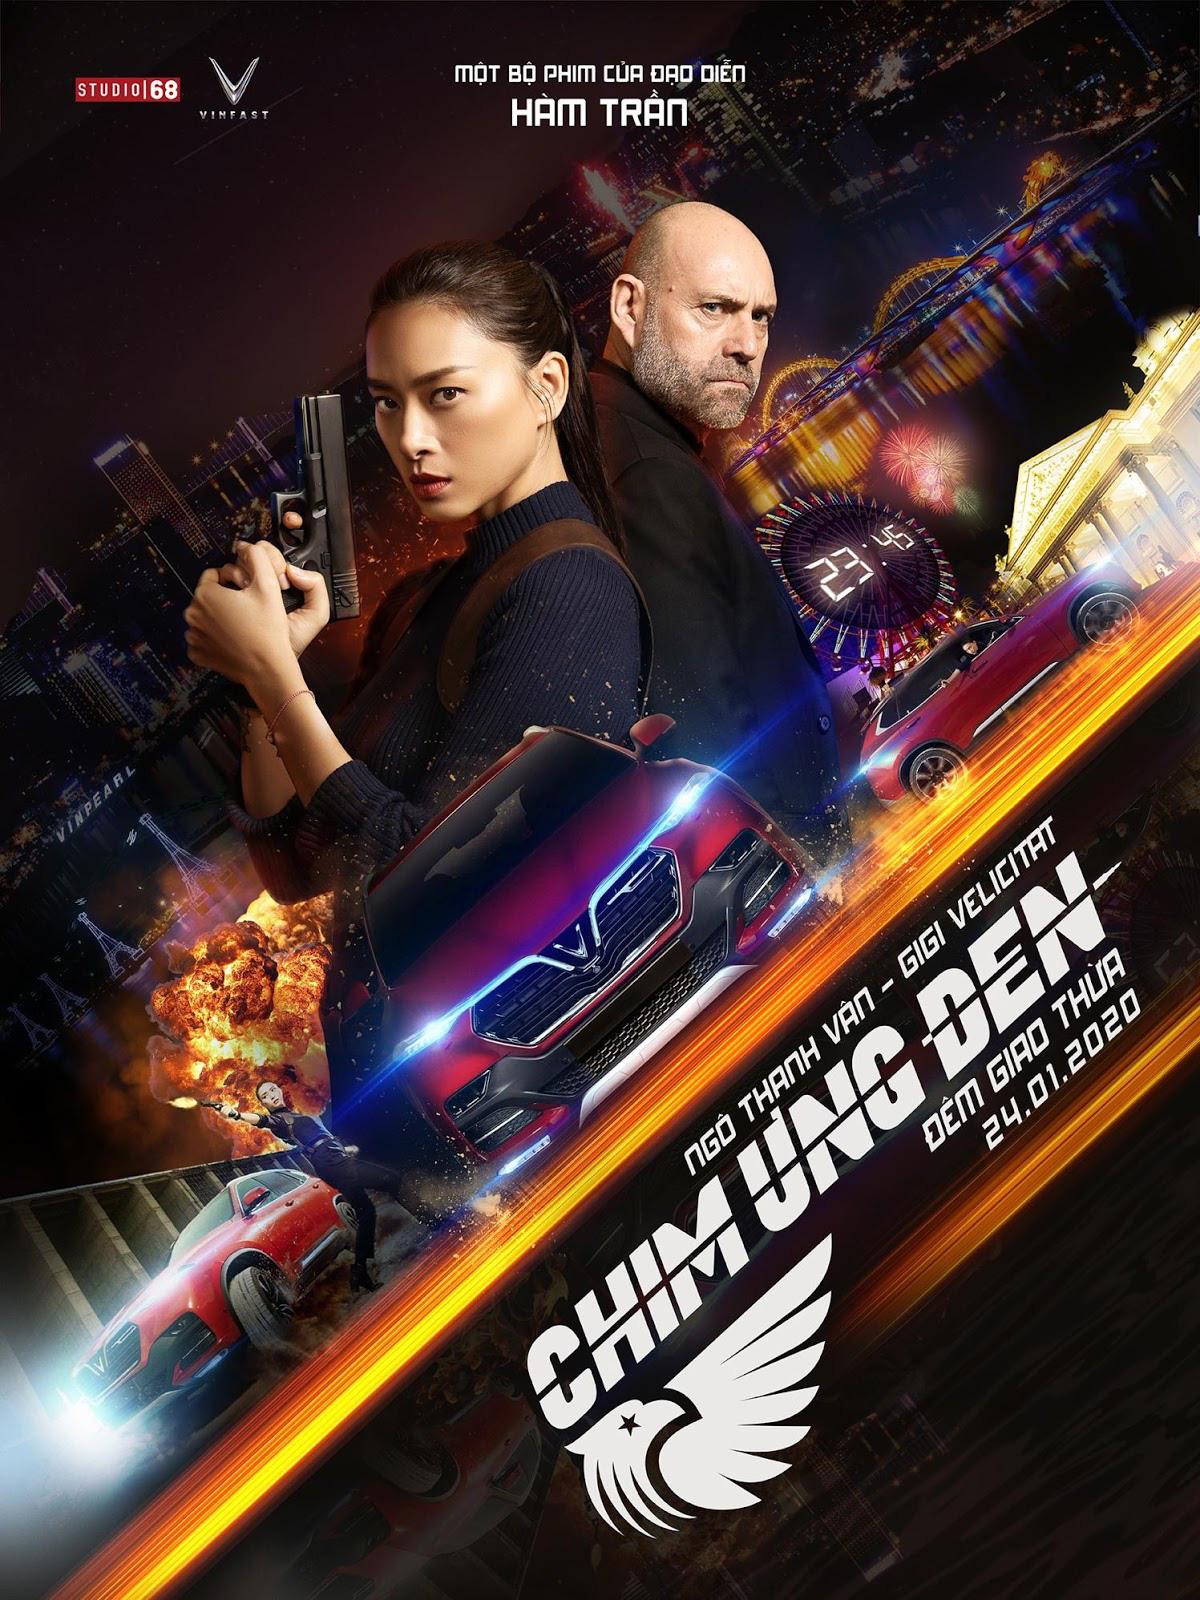 Ngô Thanh Vân gia nhập đường đua phim Tết nhưng được chú ý nhất lại là ngoại hình đặc biệt của nam chính - Ảnh 2.